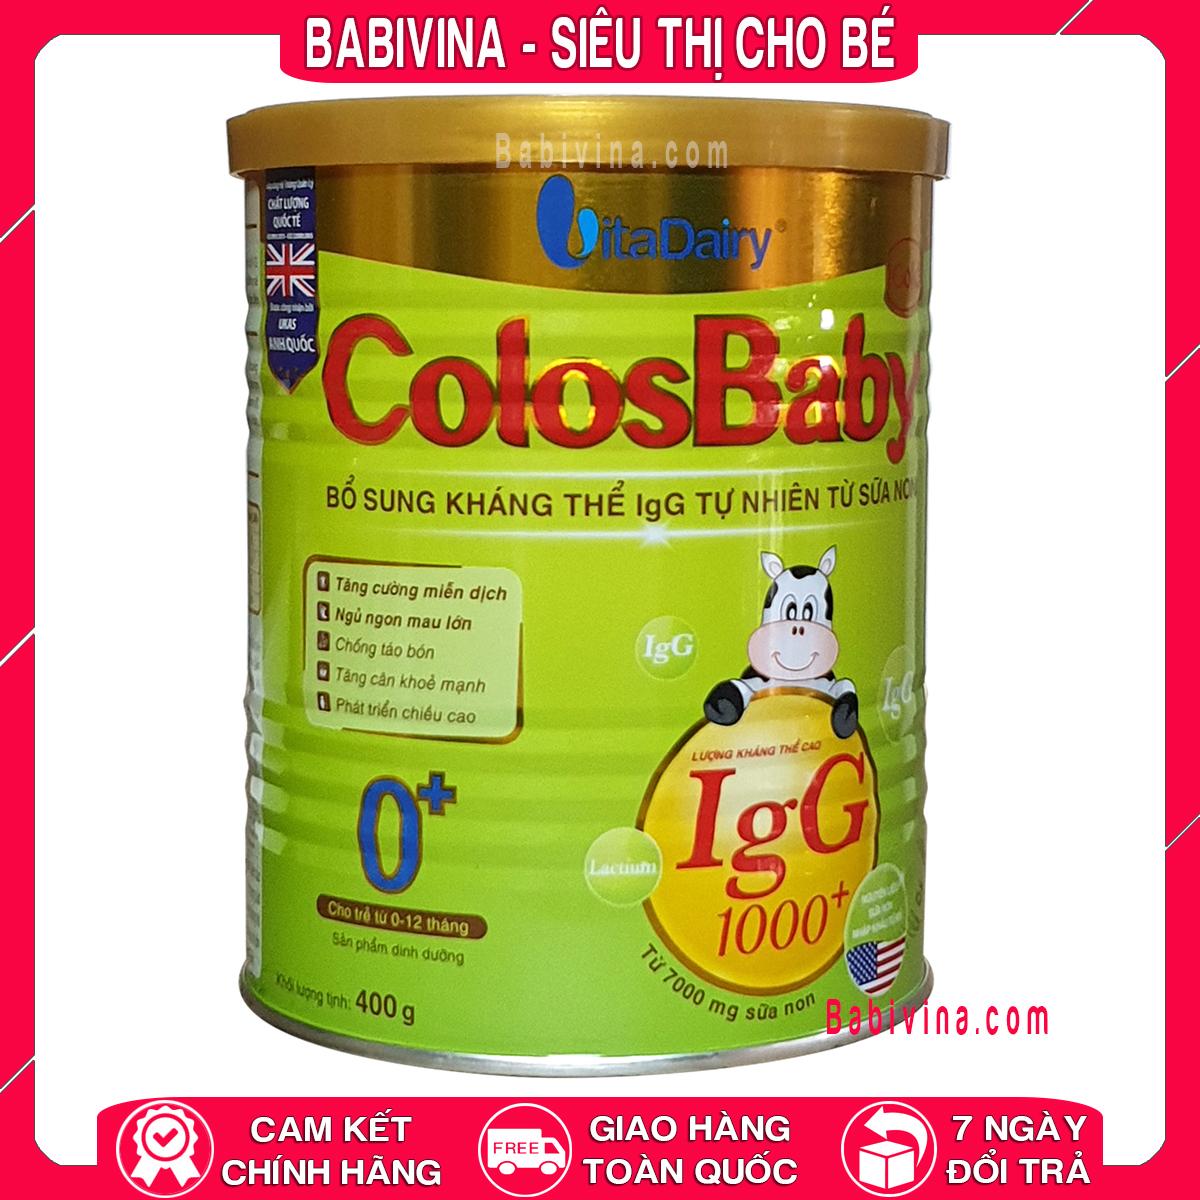 [LẺ GIÁ SỈ] Sữa Bột Colosbaby Gold 0+ 400g 1000lgG Sữa Non Dành Cho Trẻ Từ 0-12 Tháng Tuổi